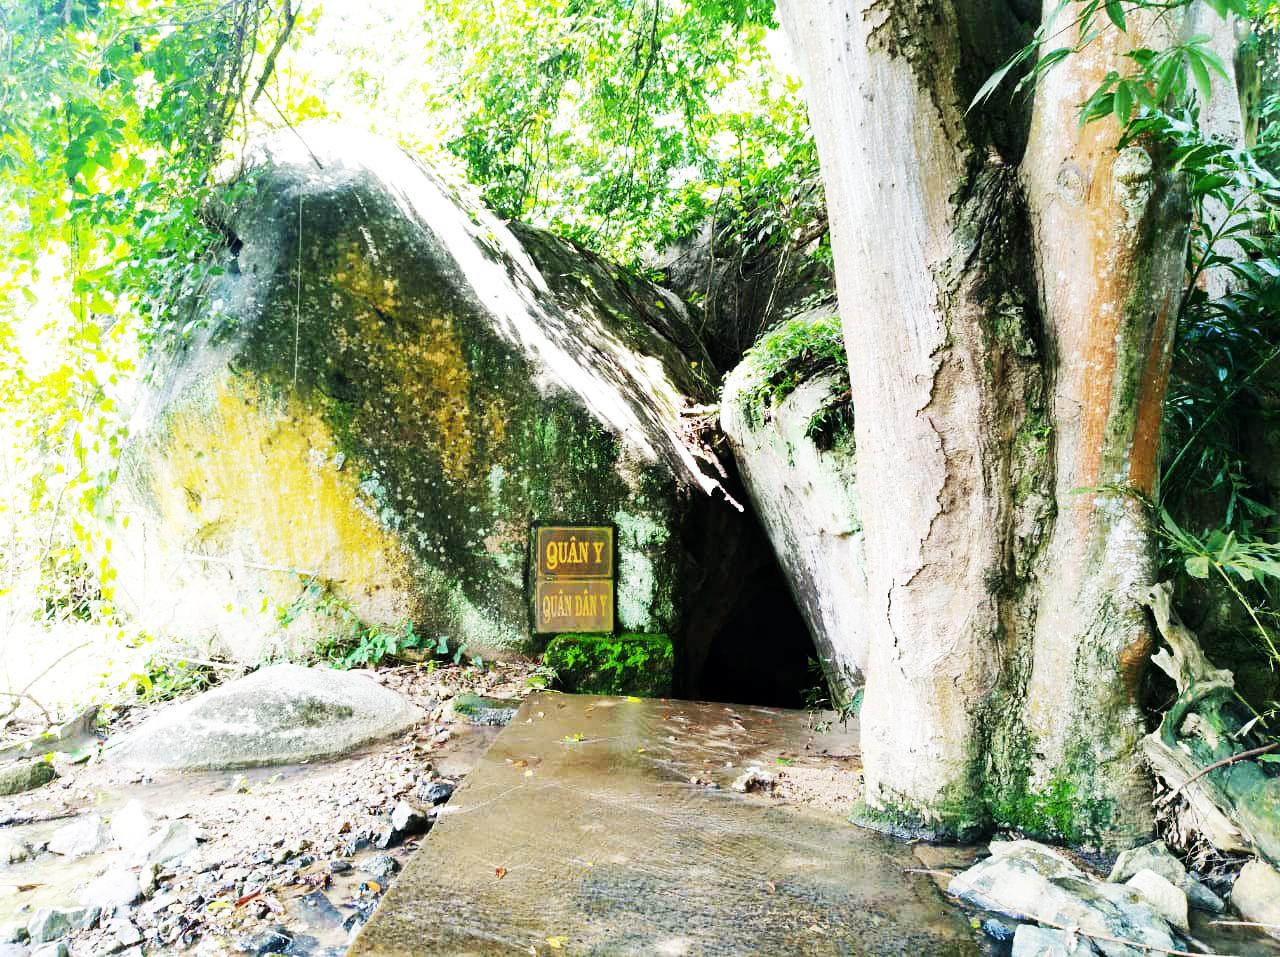 Tri Tôn (An Giang) - Điểm đến của nhiều cảnh đẹp, di tích và huyền thoại